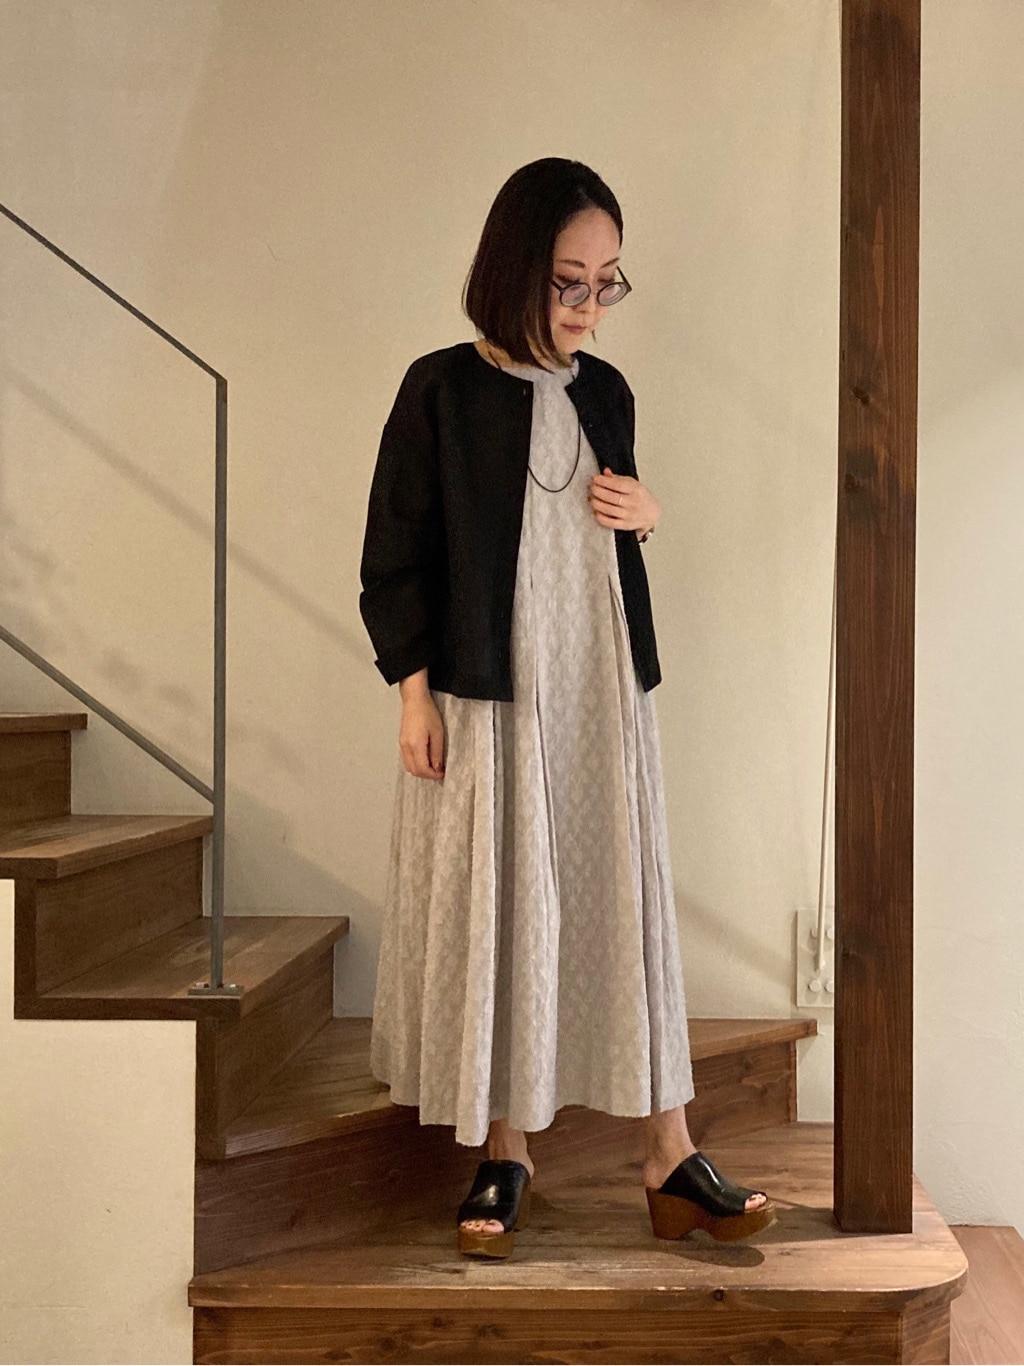 yuni 京都路面 身長:152cm 2021.06.11